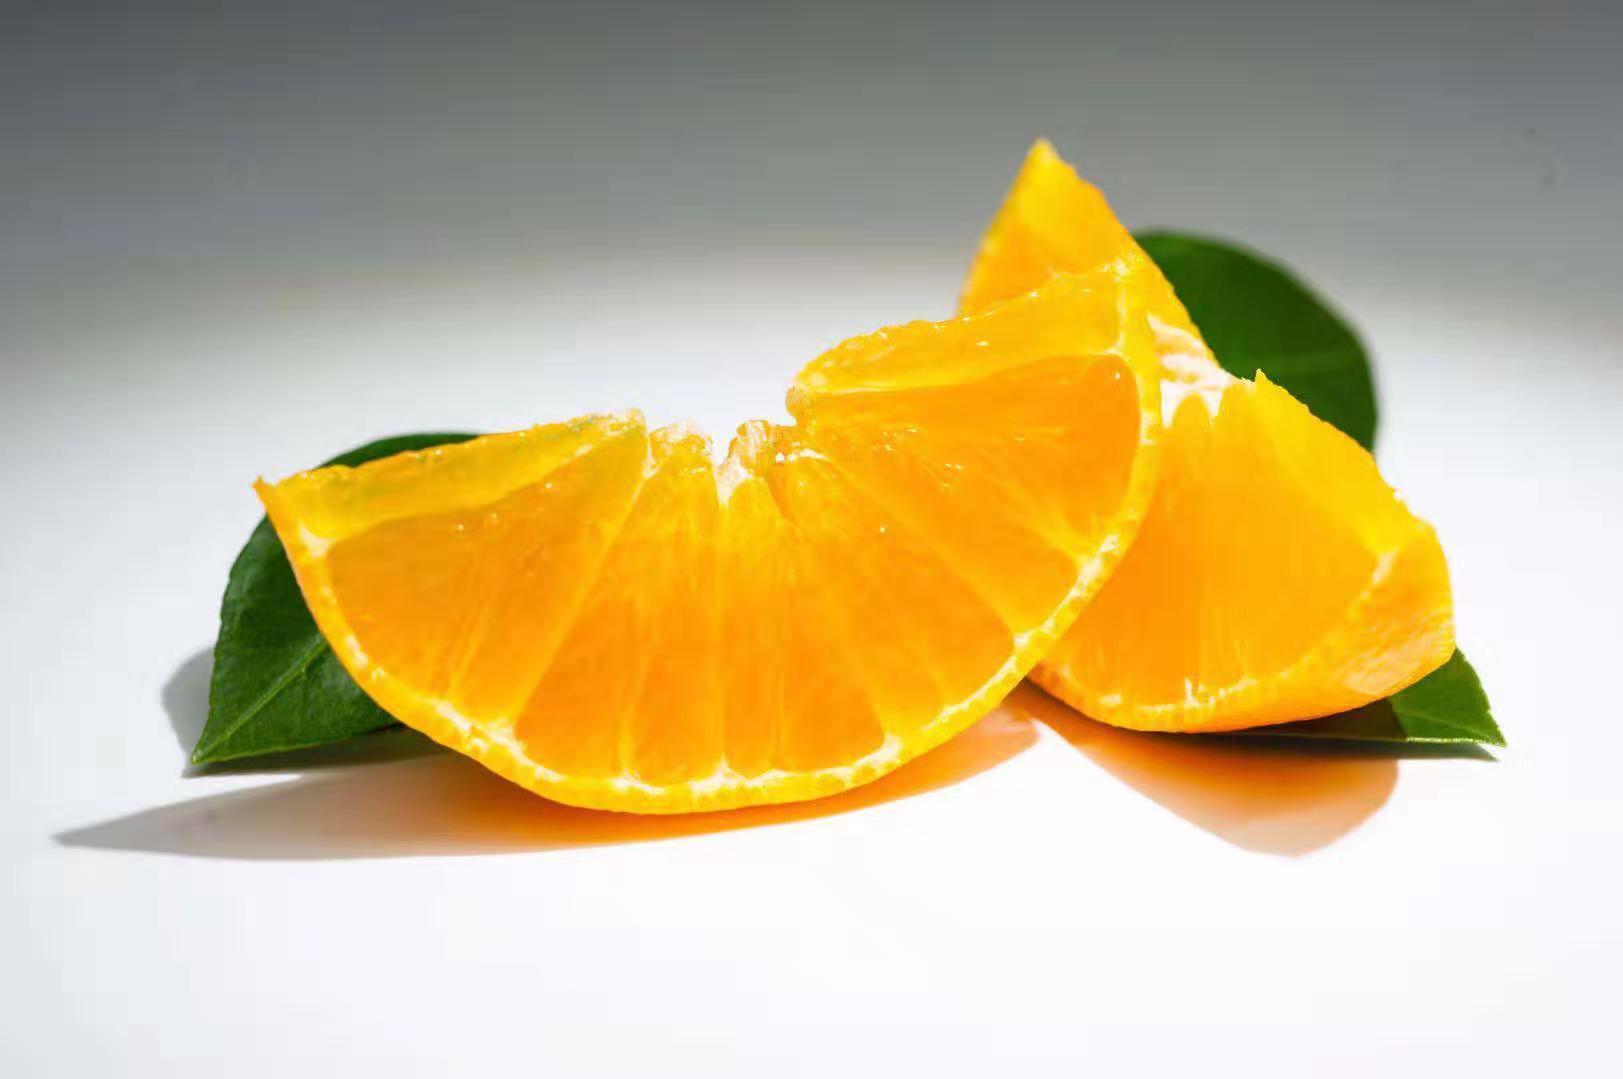 象山柑橘销售电话,柑橘